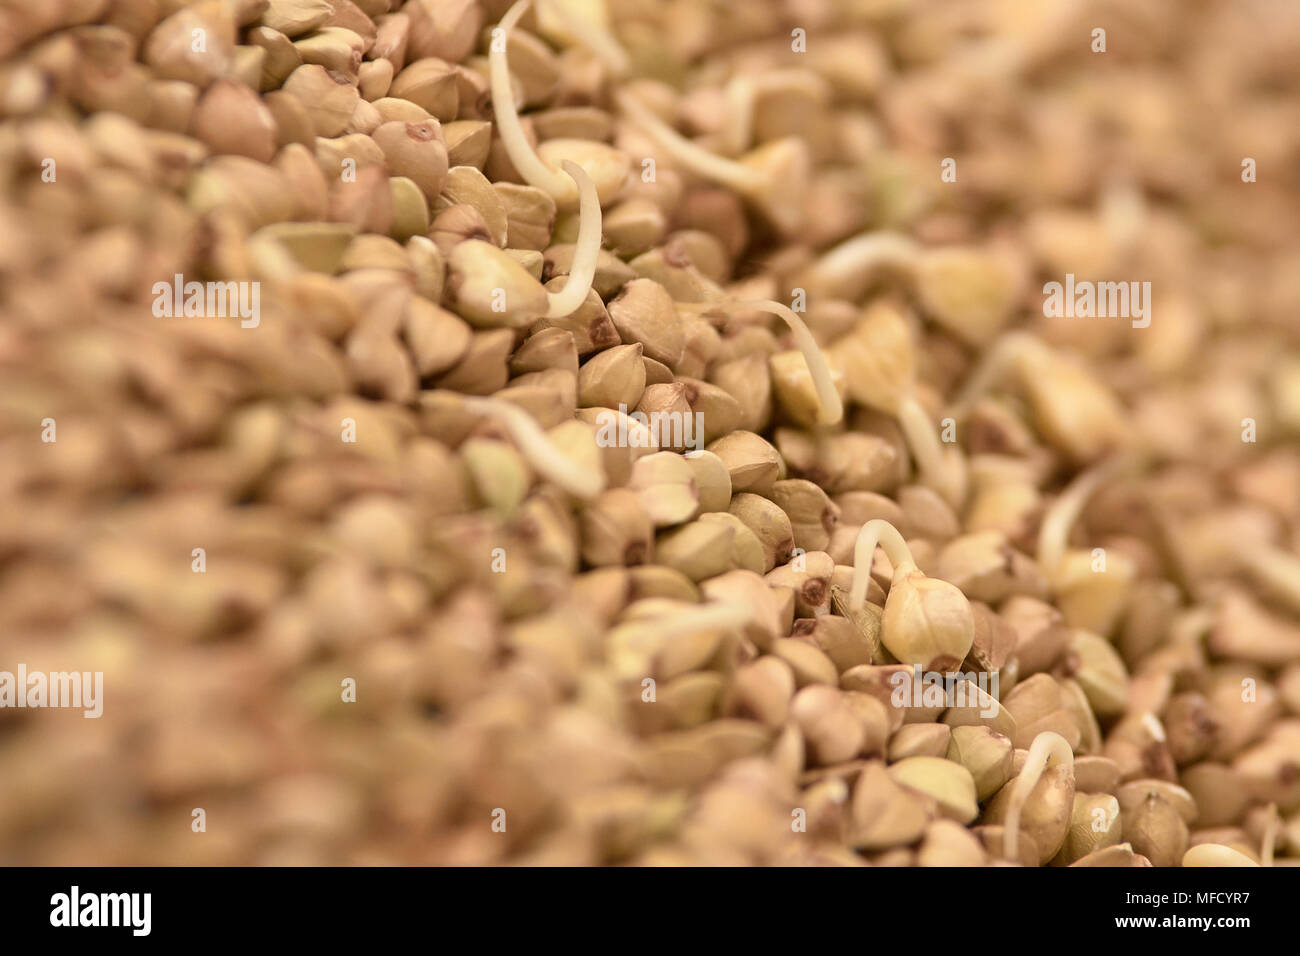 Brown groppa. Chicchi di grano saraceno. Cibo sano. I germogli. Immagini Stock